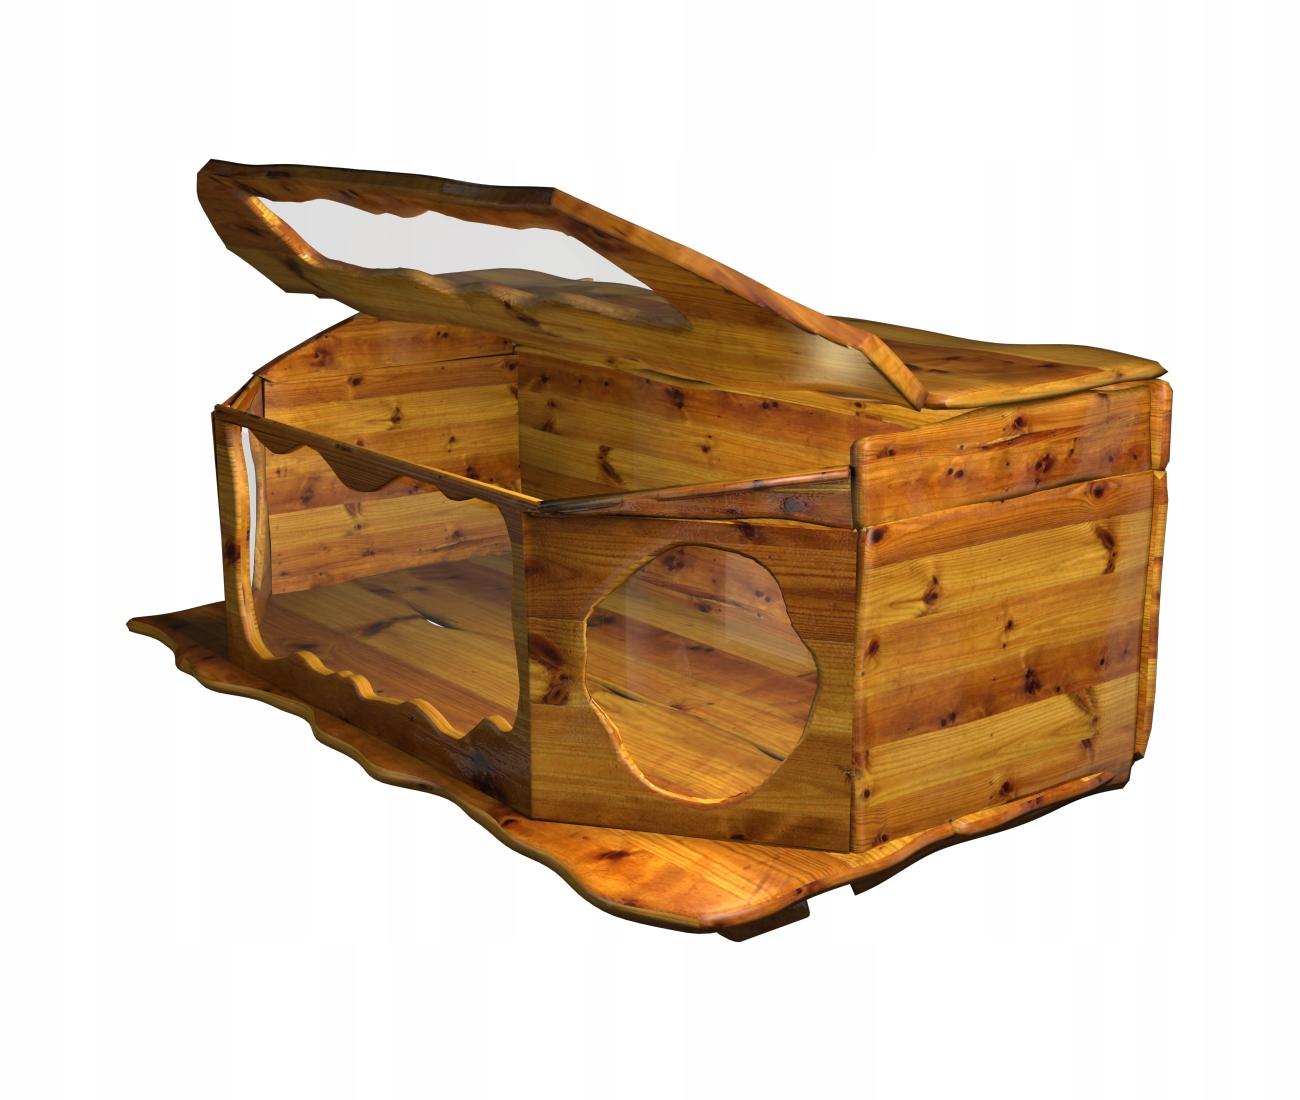 Terárium unikátne drevené ručné